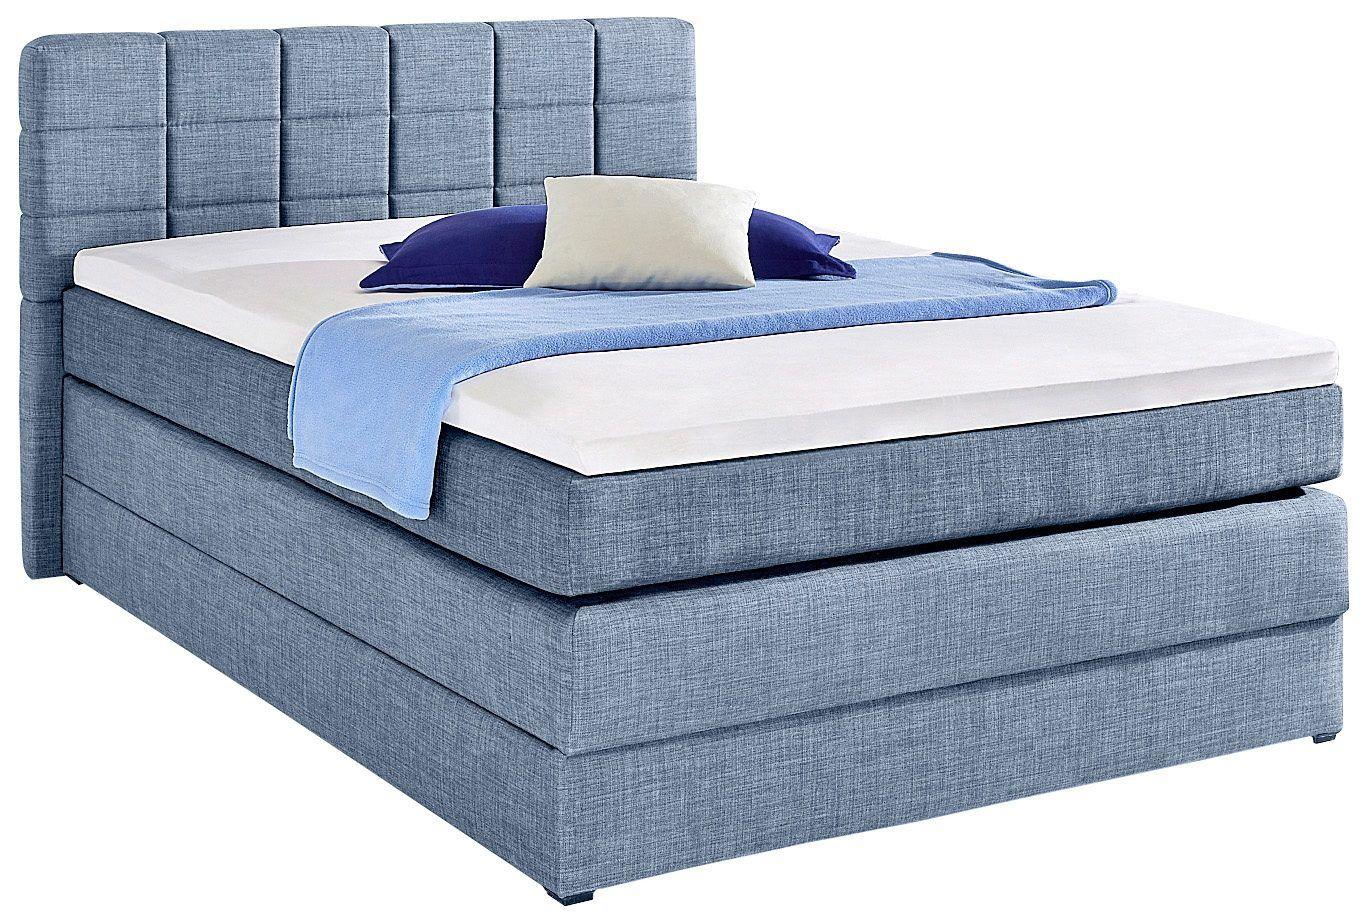 hapo boxspringbett mit bettkasten jetzt bestellen unter: https ... - Schlafzimmer Betten Mit Bettkasten